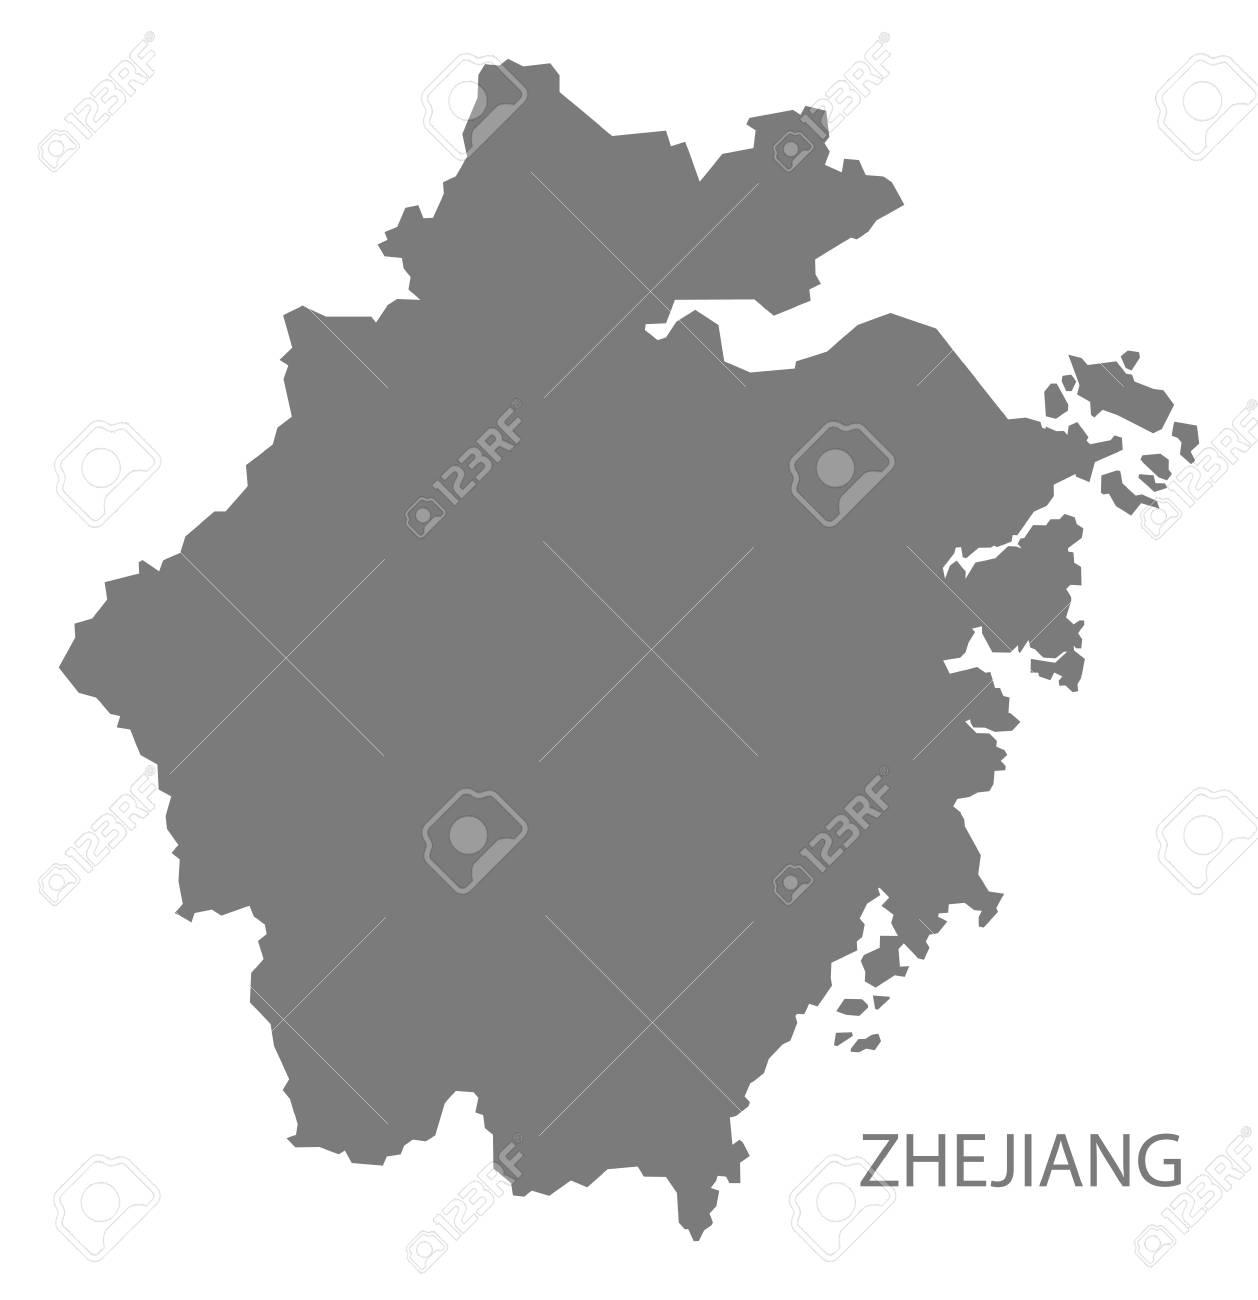 Zhejiang China Map In Grey Royalty Free Cliparts Vectors And Stock